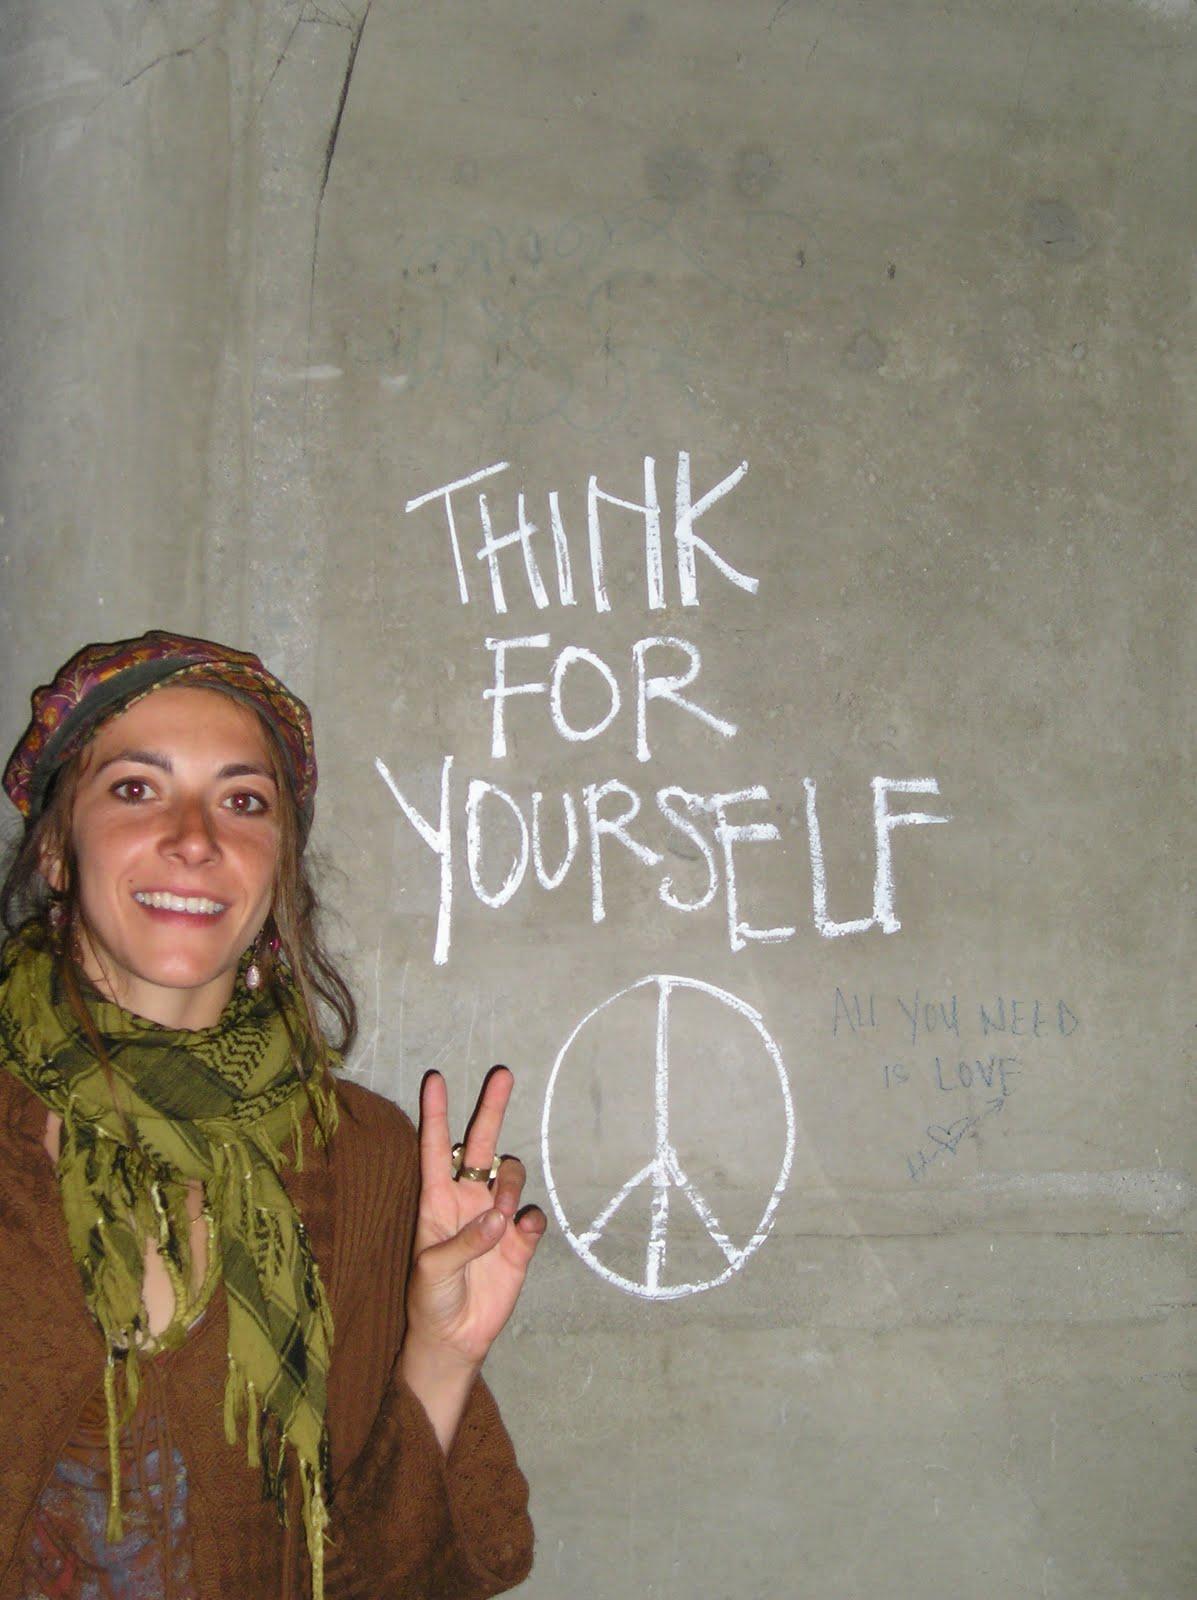 http://2.bp.blogspot.com/-QItX9WbUE1U/Tjc8Z1Kfq-I/AAAAAAAABGg/3CiyMDy7QOc/s1600/Think.jpg